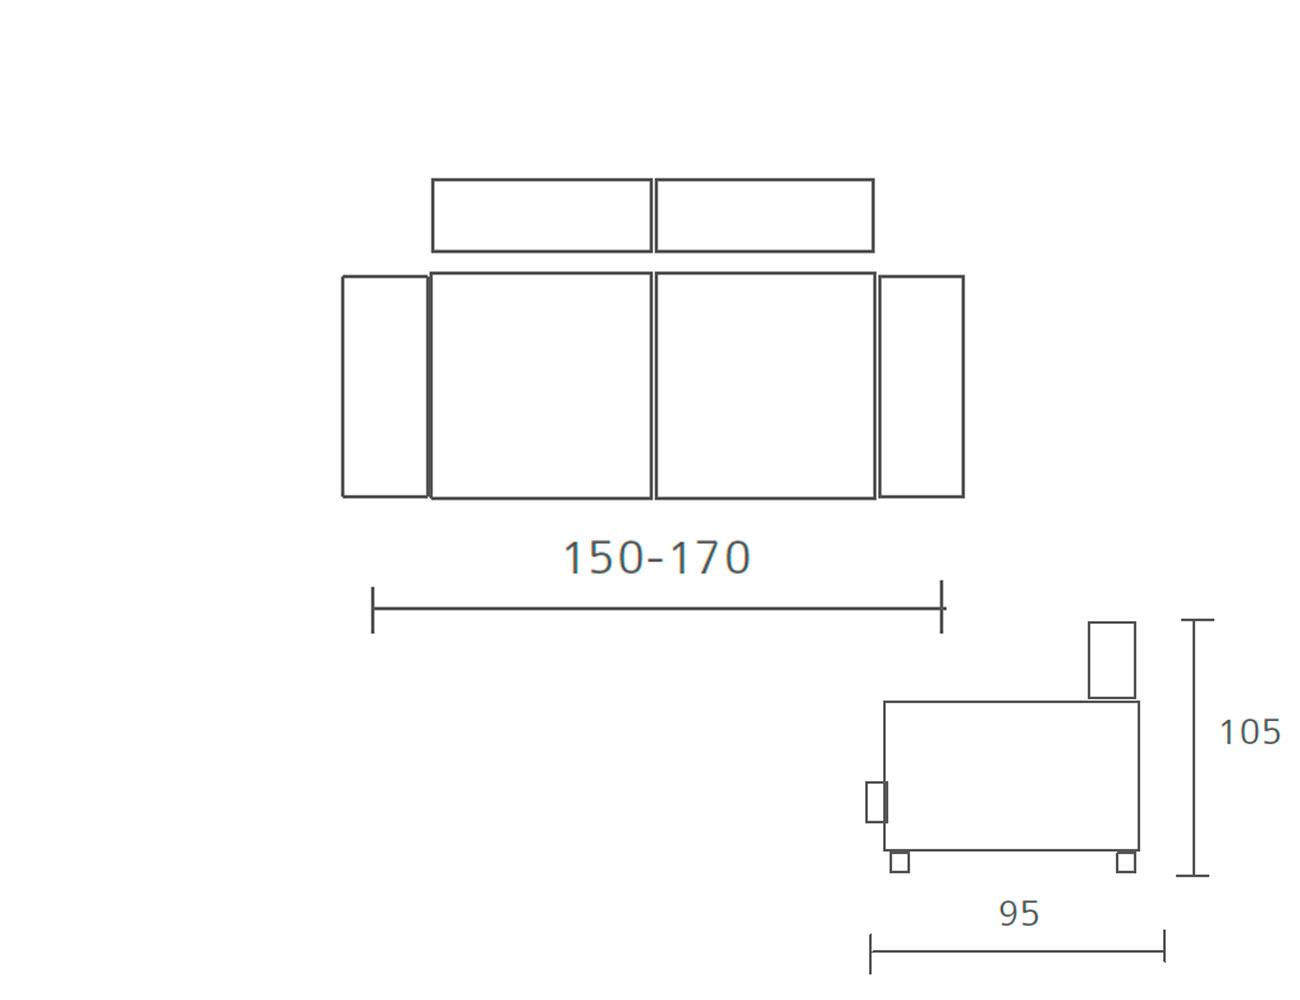 Sofa pedro ortiz fijo 2 plazas 150 170